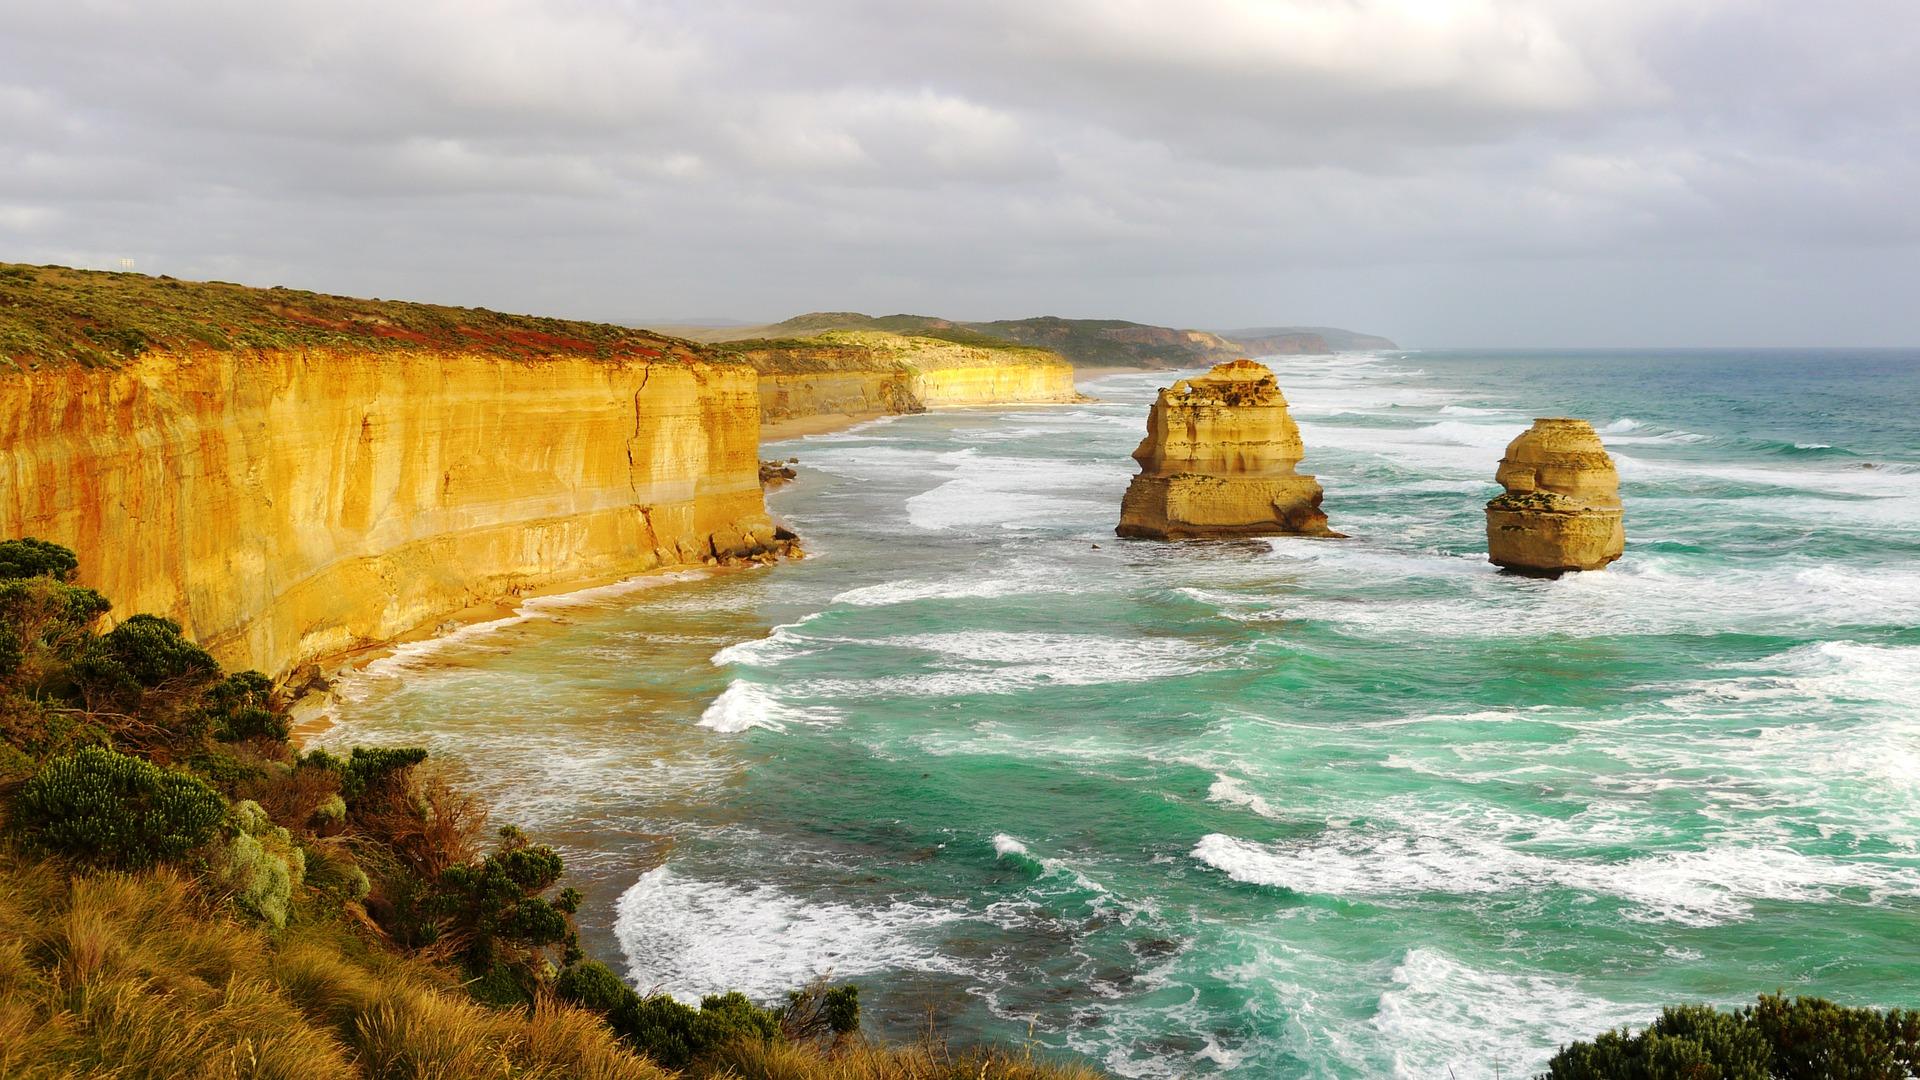 Γκρεμό, Κόστα, Παραλία, κύμα, Μελβούρνη - Wallpapers HD - Professor-falken.com